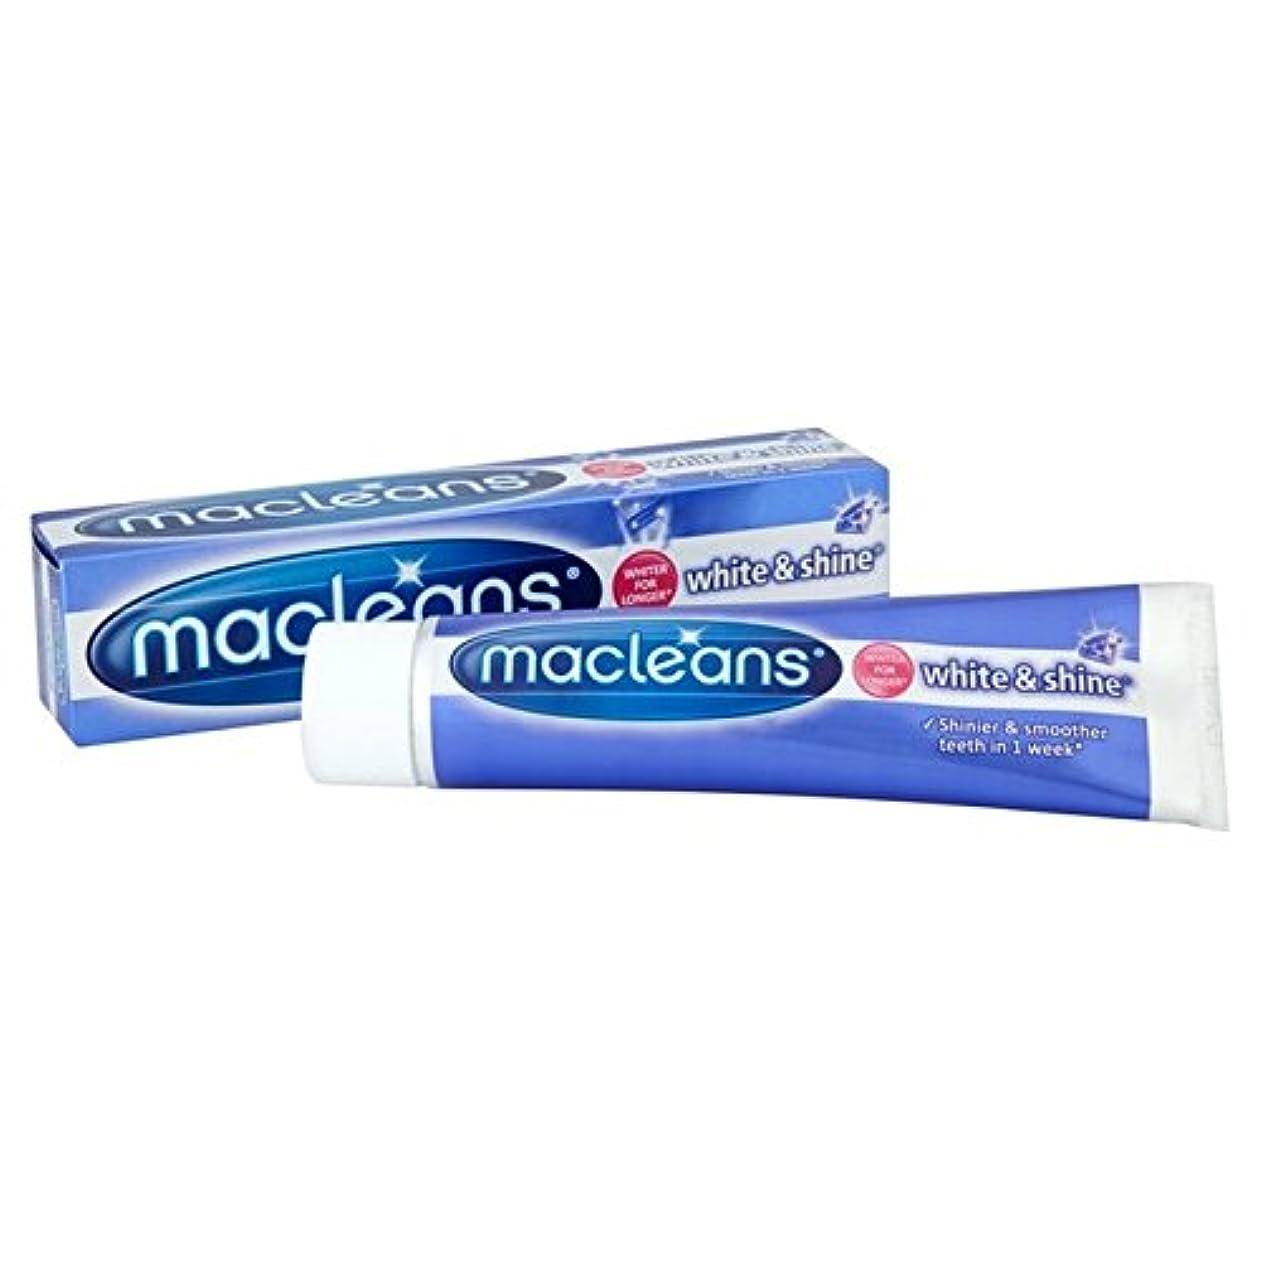 枯れるミュージカル取り替えるMacleans White'n'shine Toothpaste 100ml - ''歯磨き粉の100ミリリットル [並行輸入品]